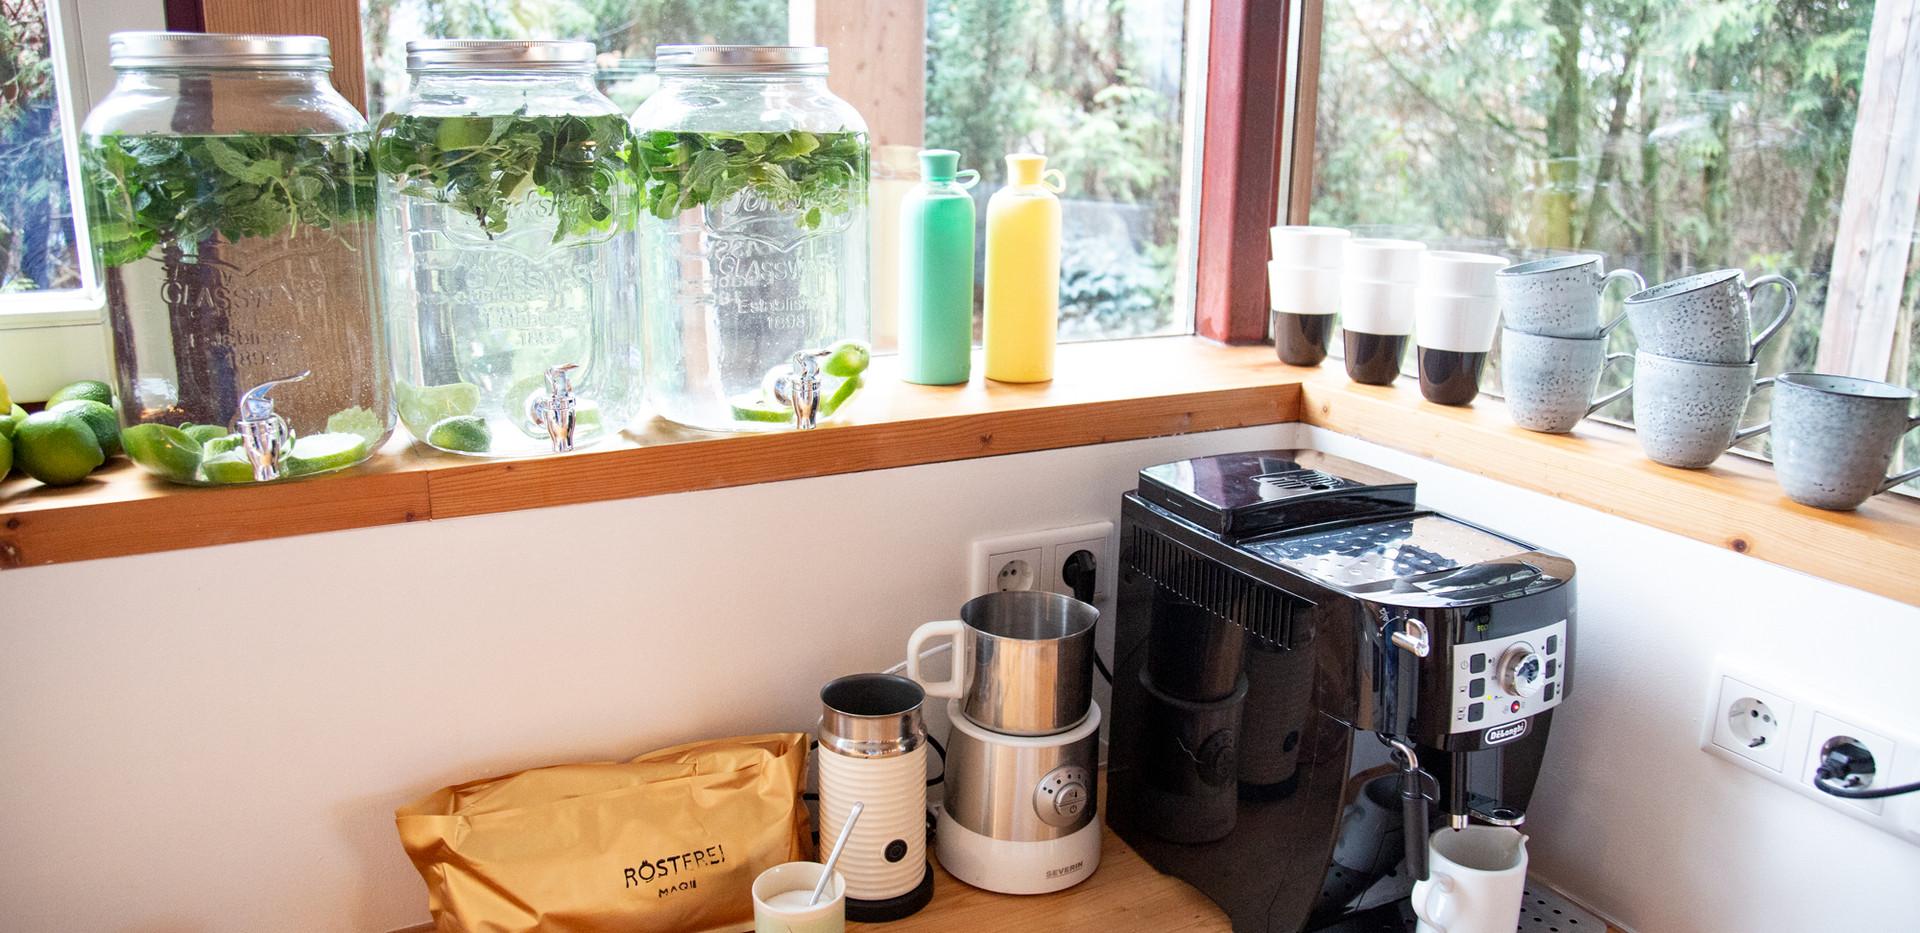 Küche_3_web.jpg